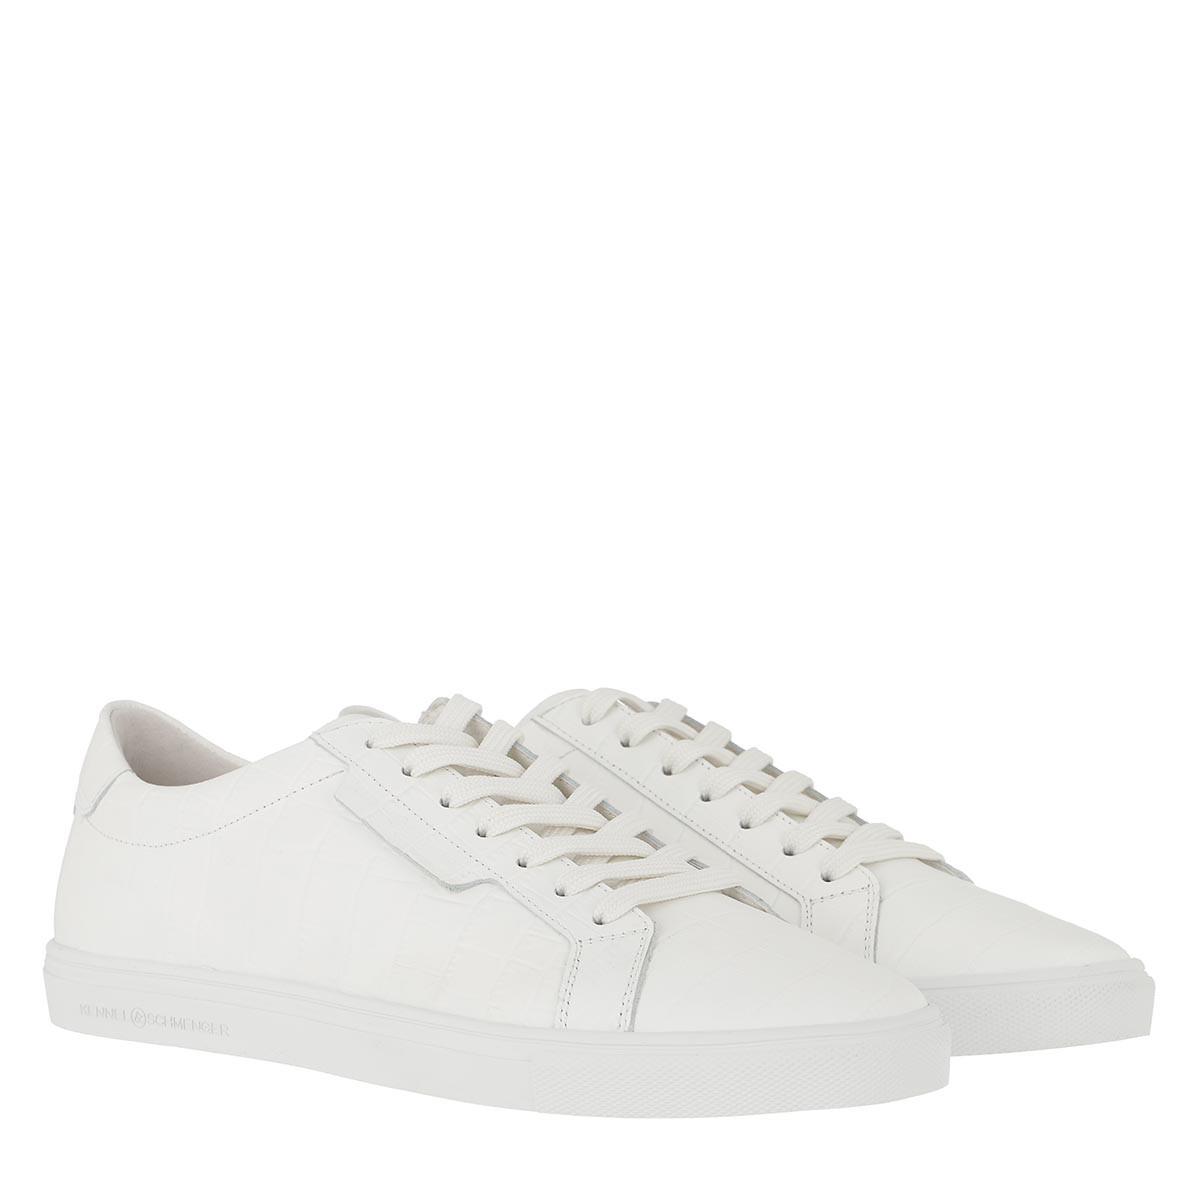 Kennel & Schmenger Sneakers - Base Sneaker Kroko White - in weiß - für Damen